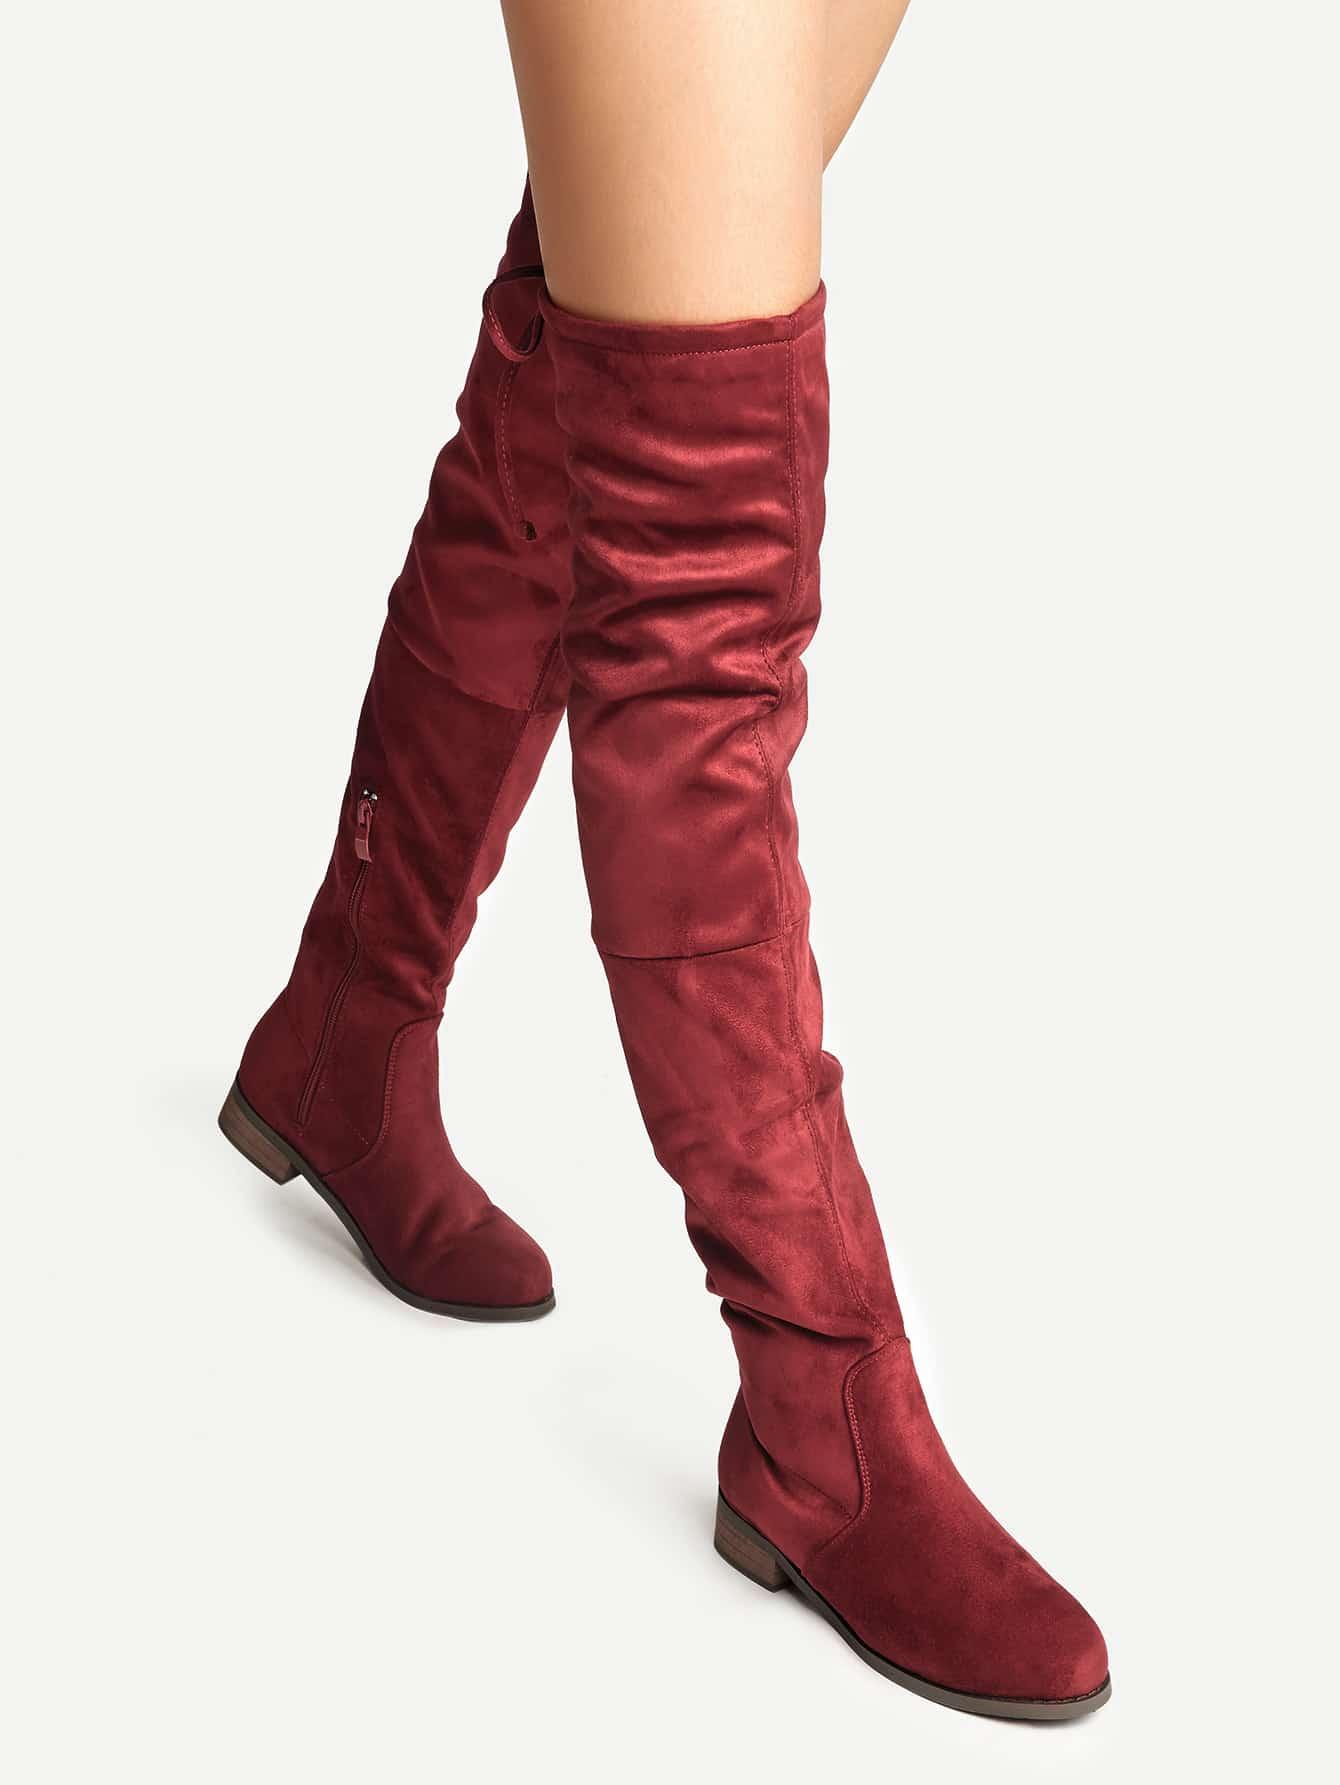 shoes160901902_2